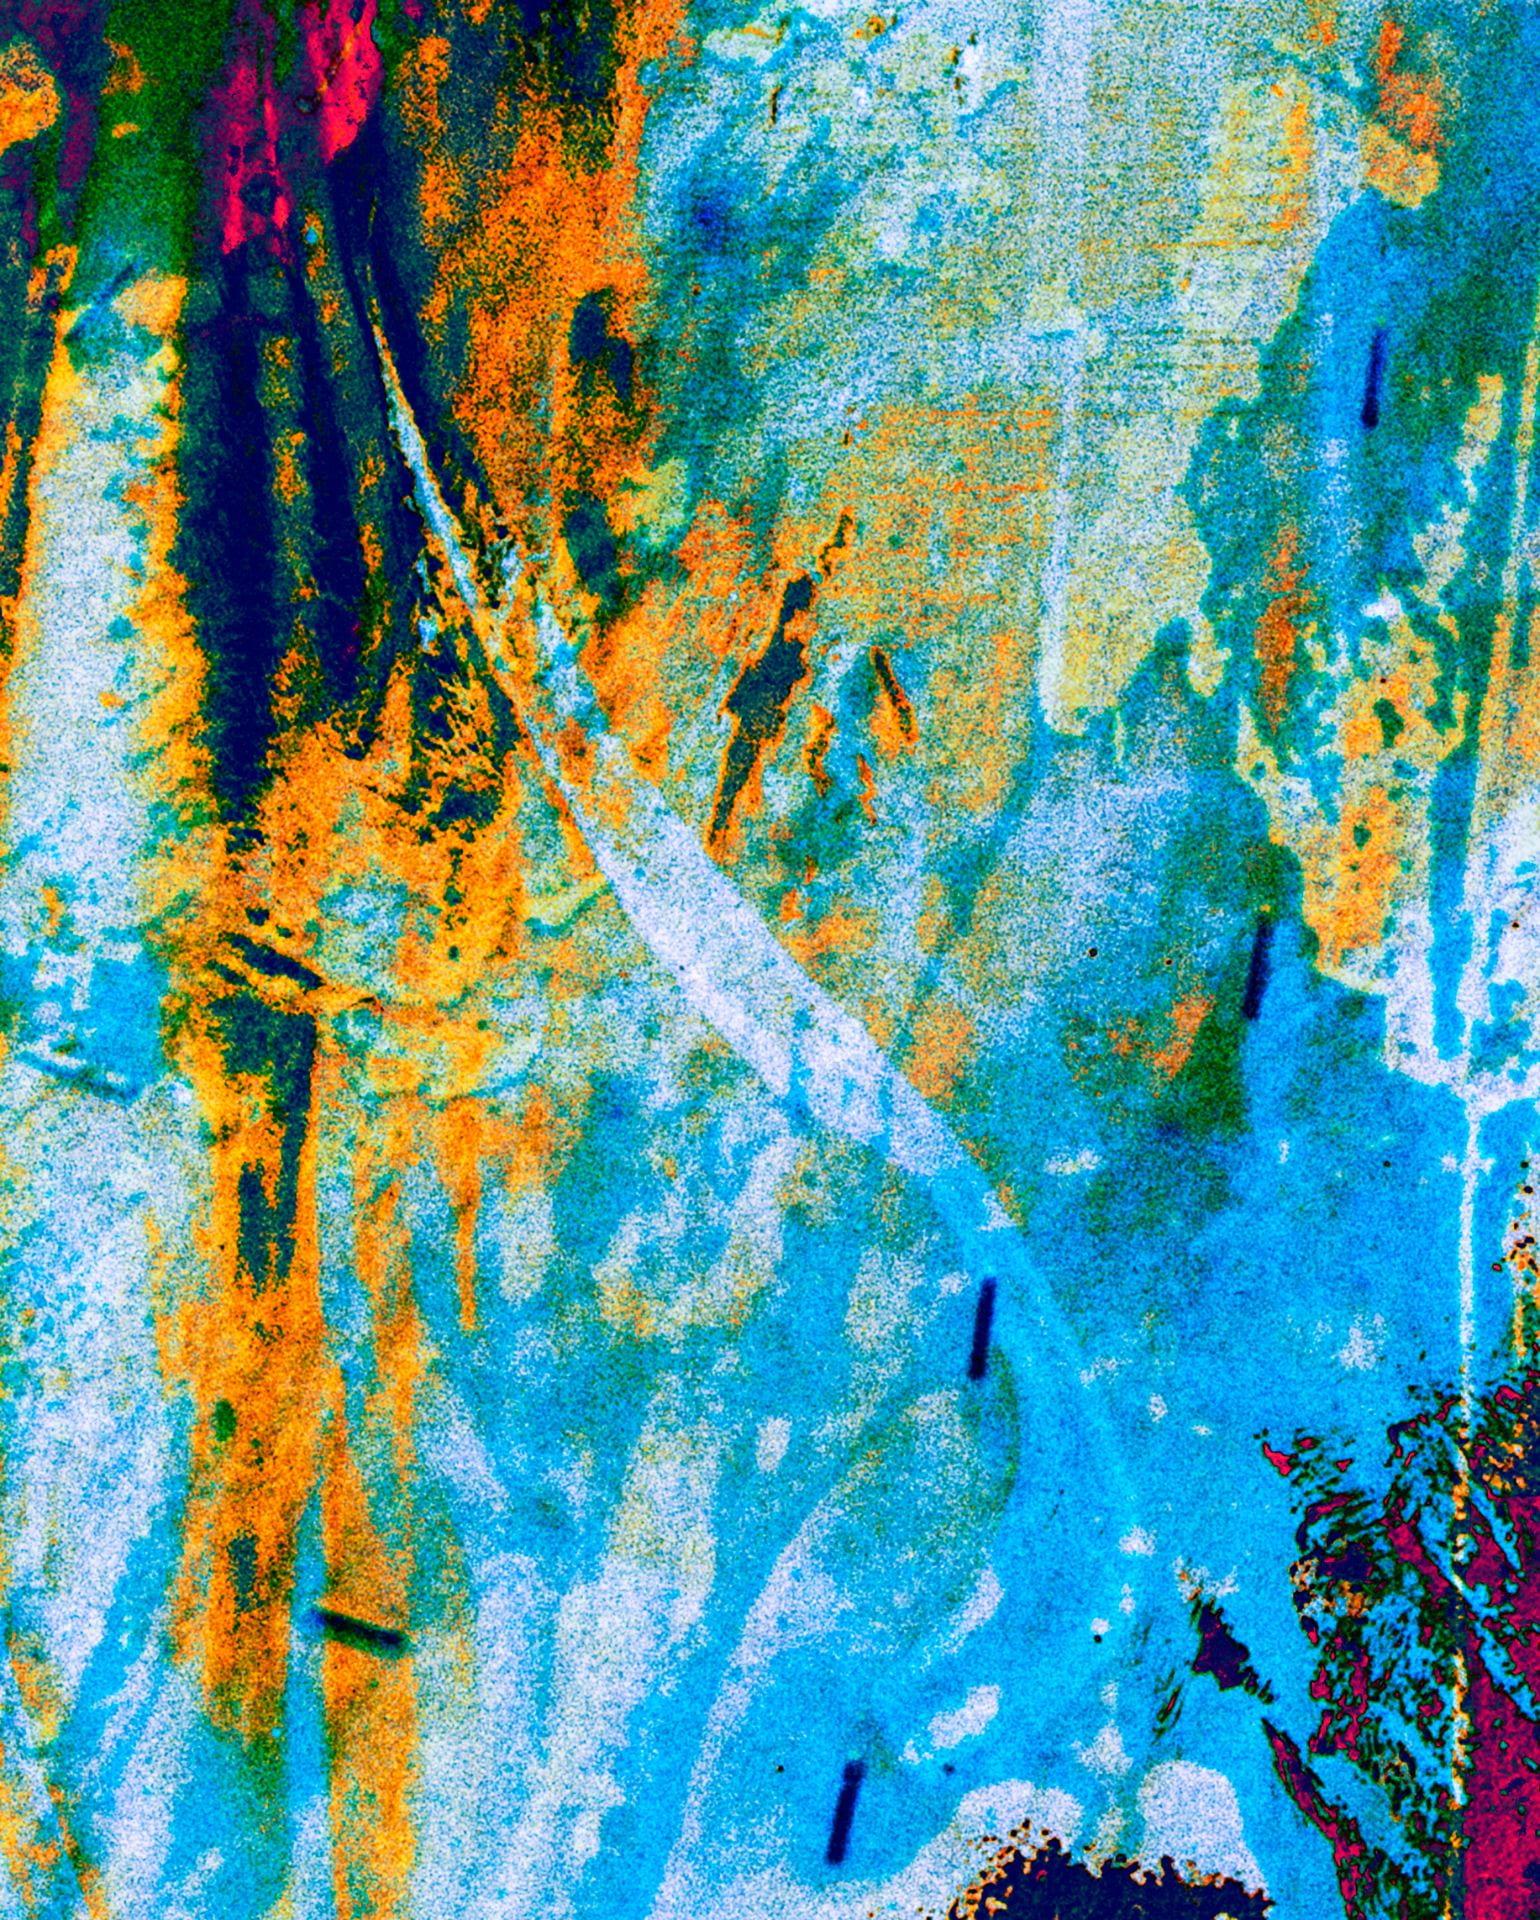 decay destruction painting art collage colour vandalism pixel digital post